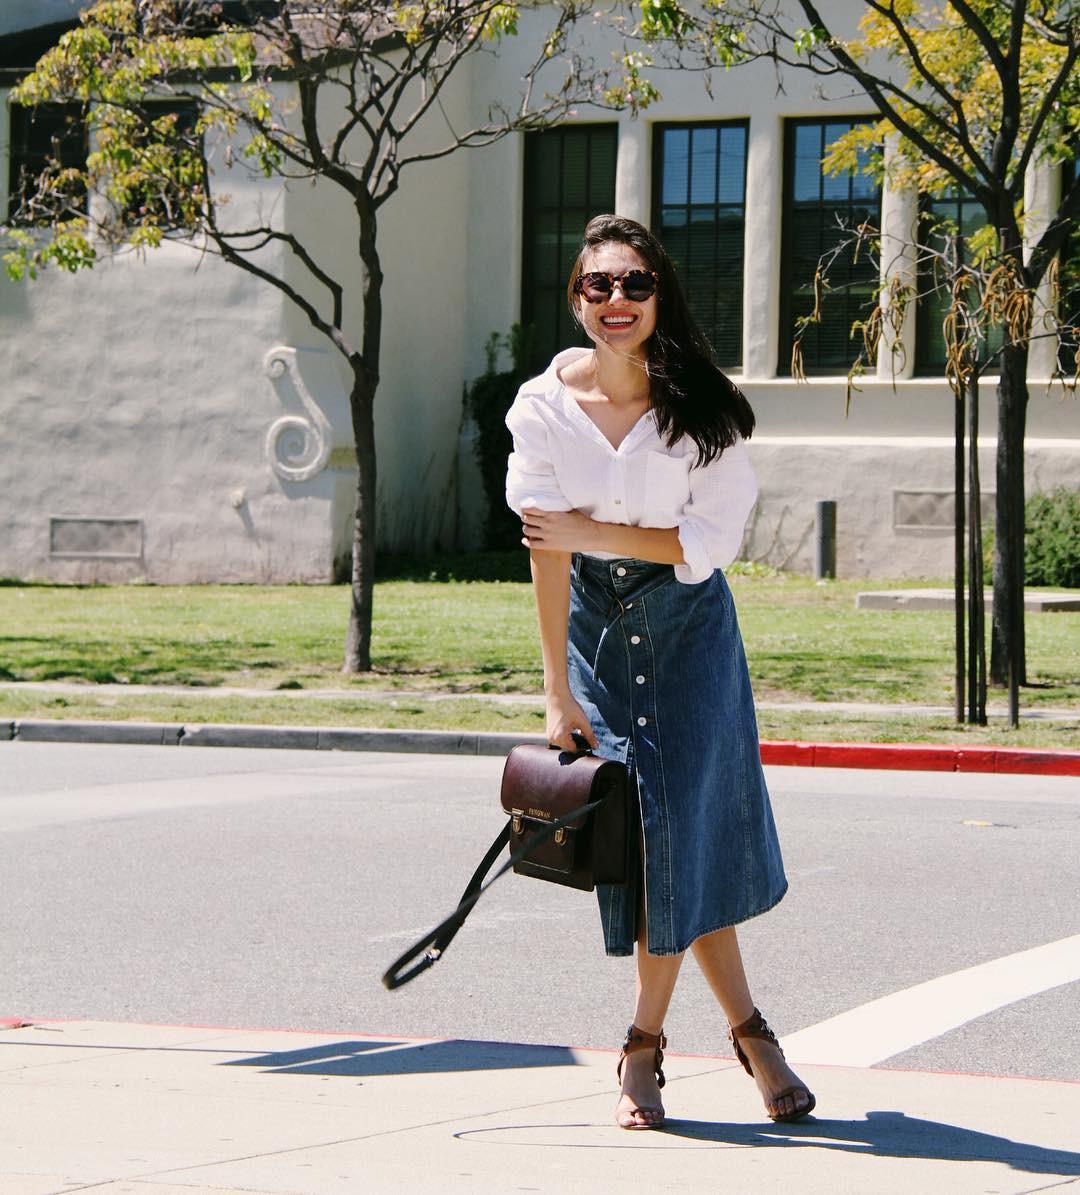 Nếu thấy style công sở của mình hơi 'dừ' và cứng nhắc thì đây là 5 tips diện đồ giúp các nàng ăn gian tuổi đáng kể - 8